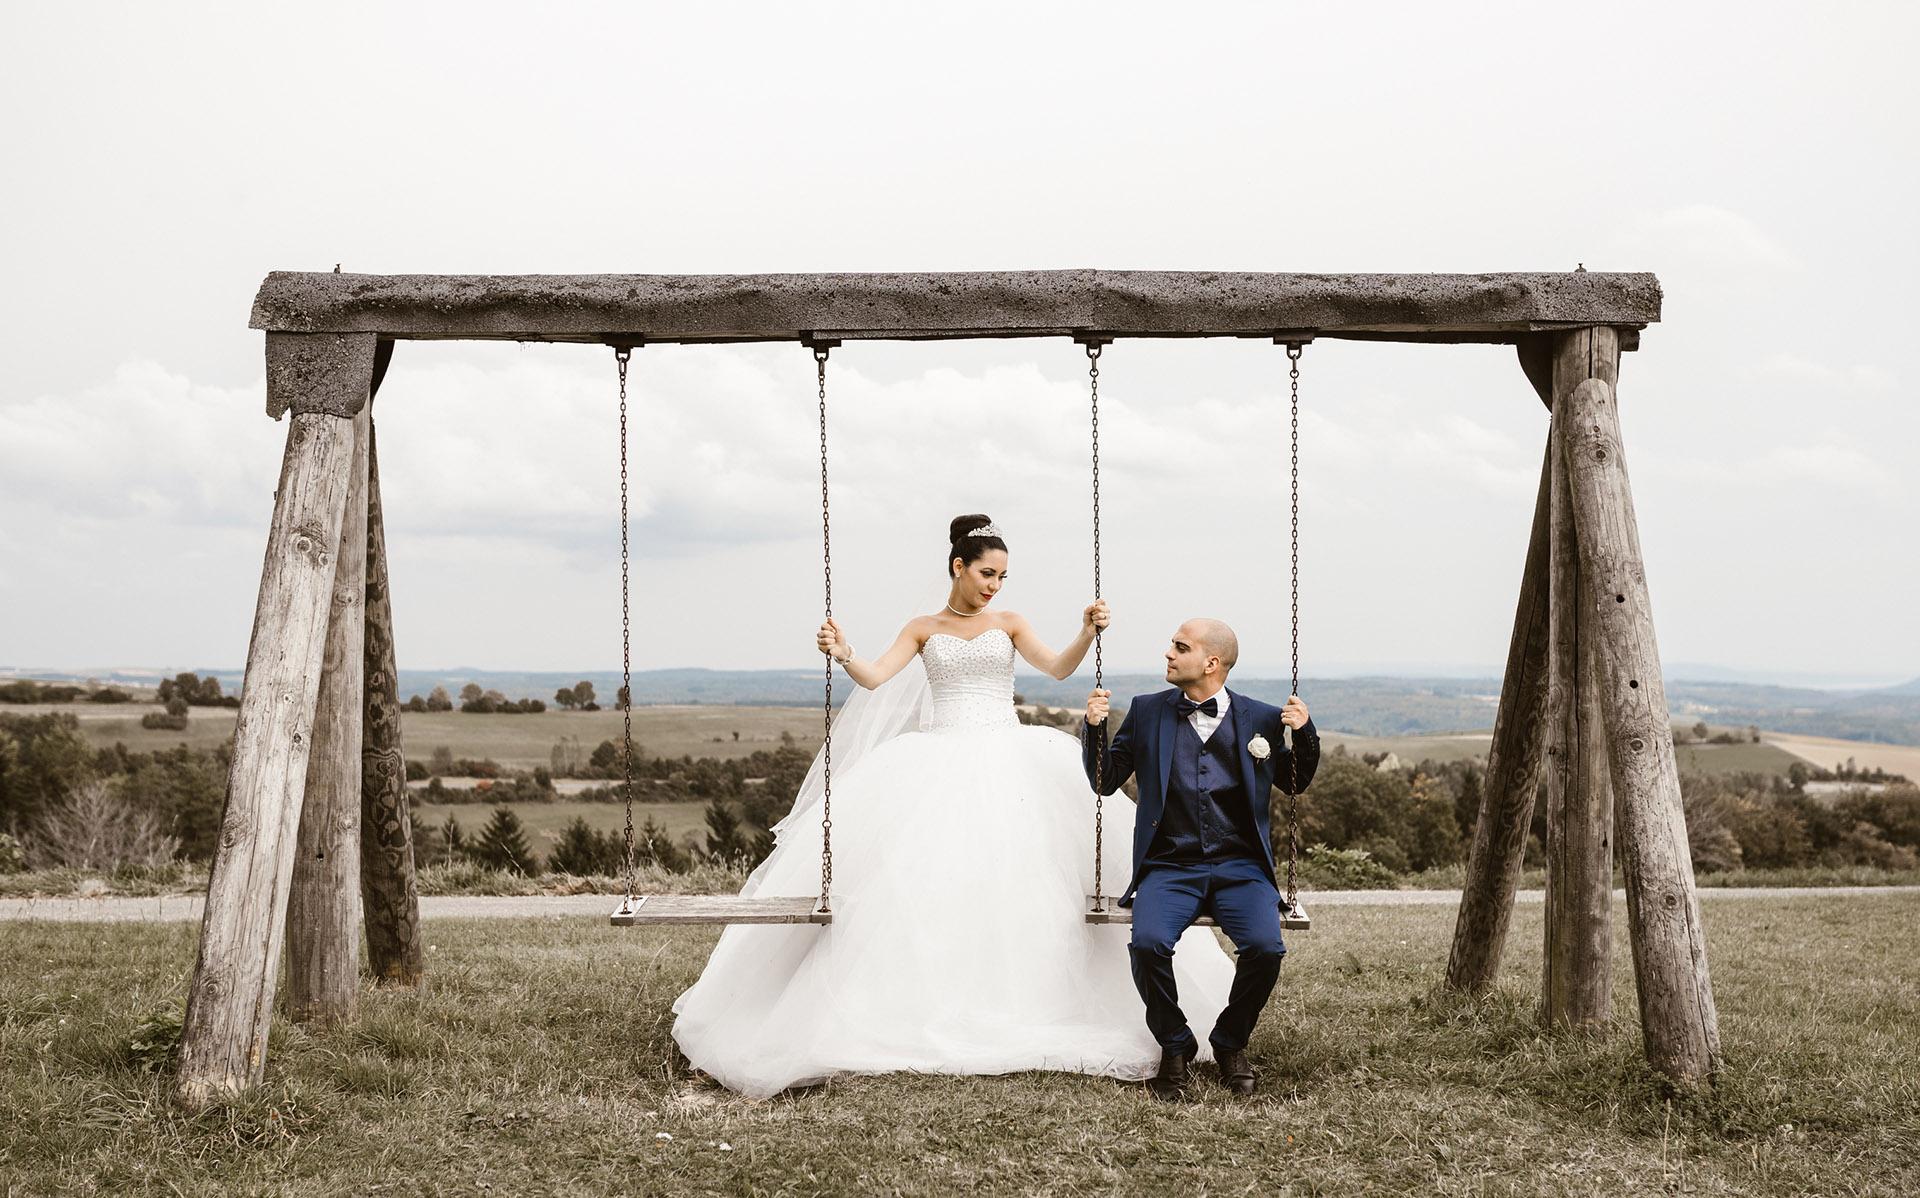 Hochzeitsreportage -Nedia und Marco - Engen